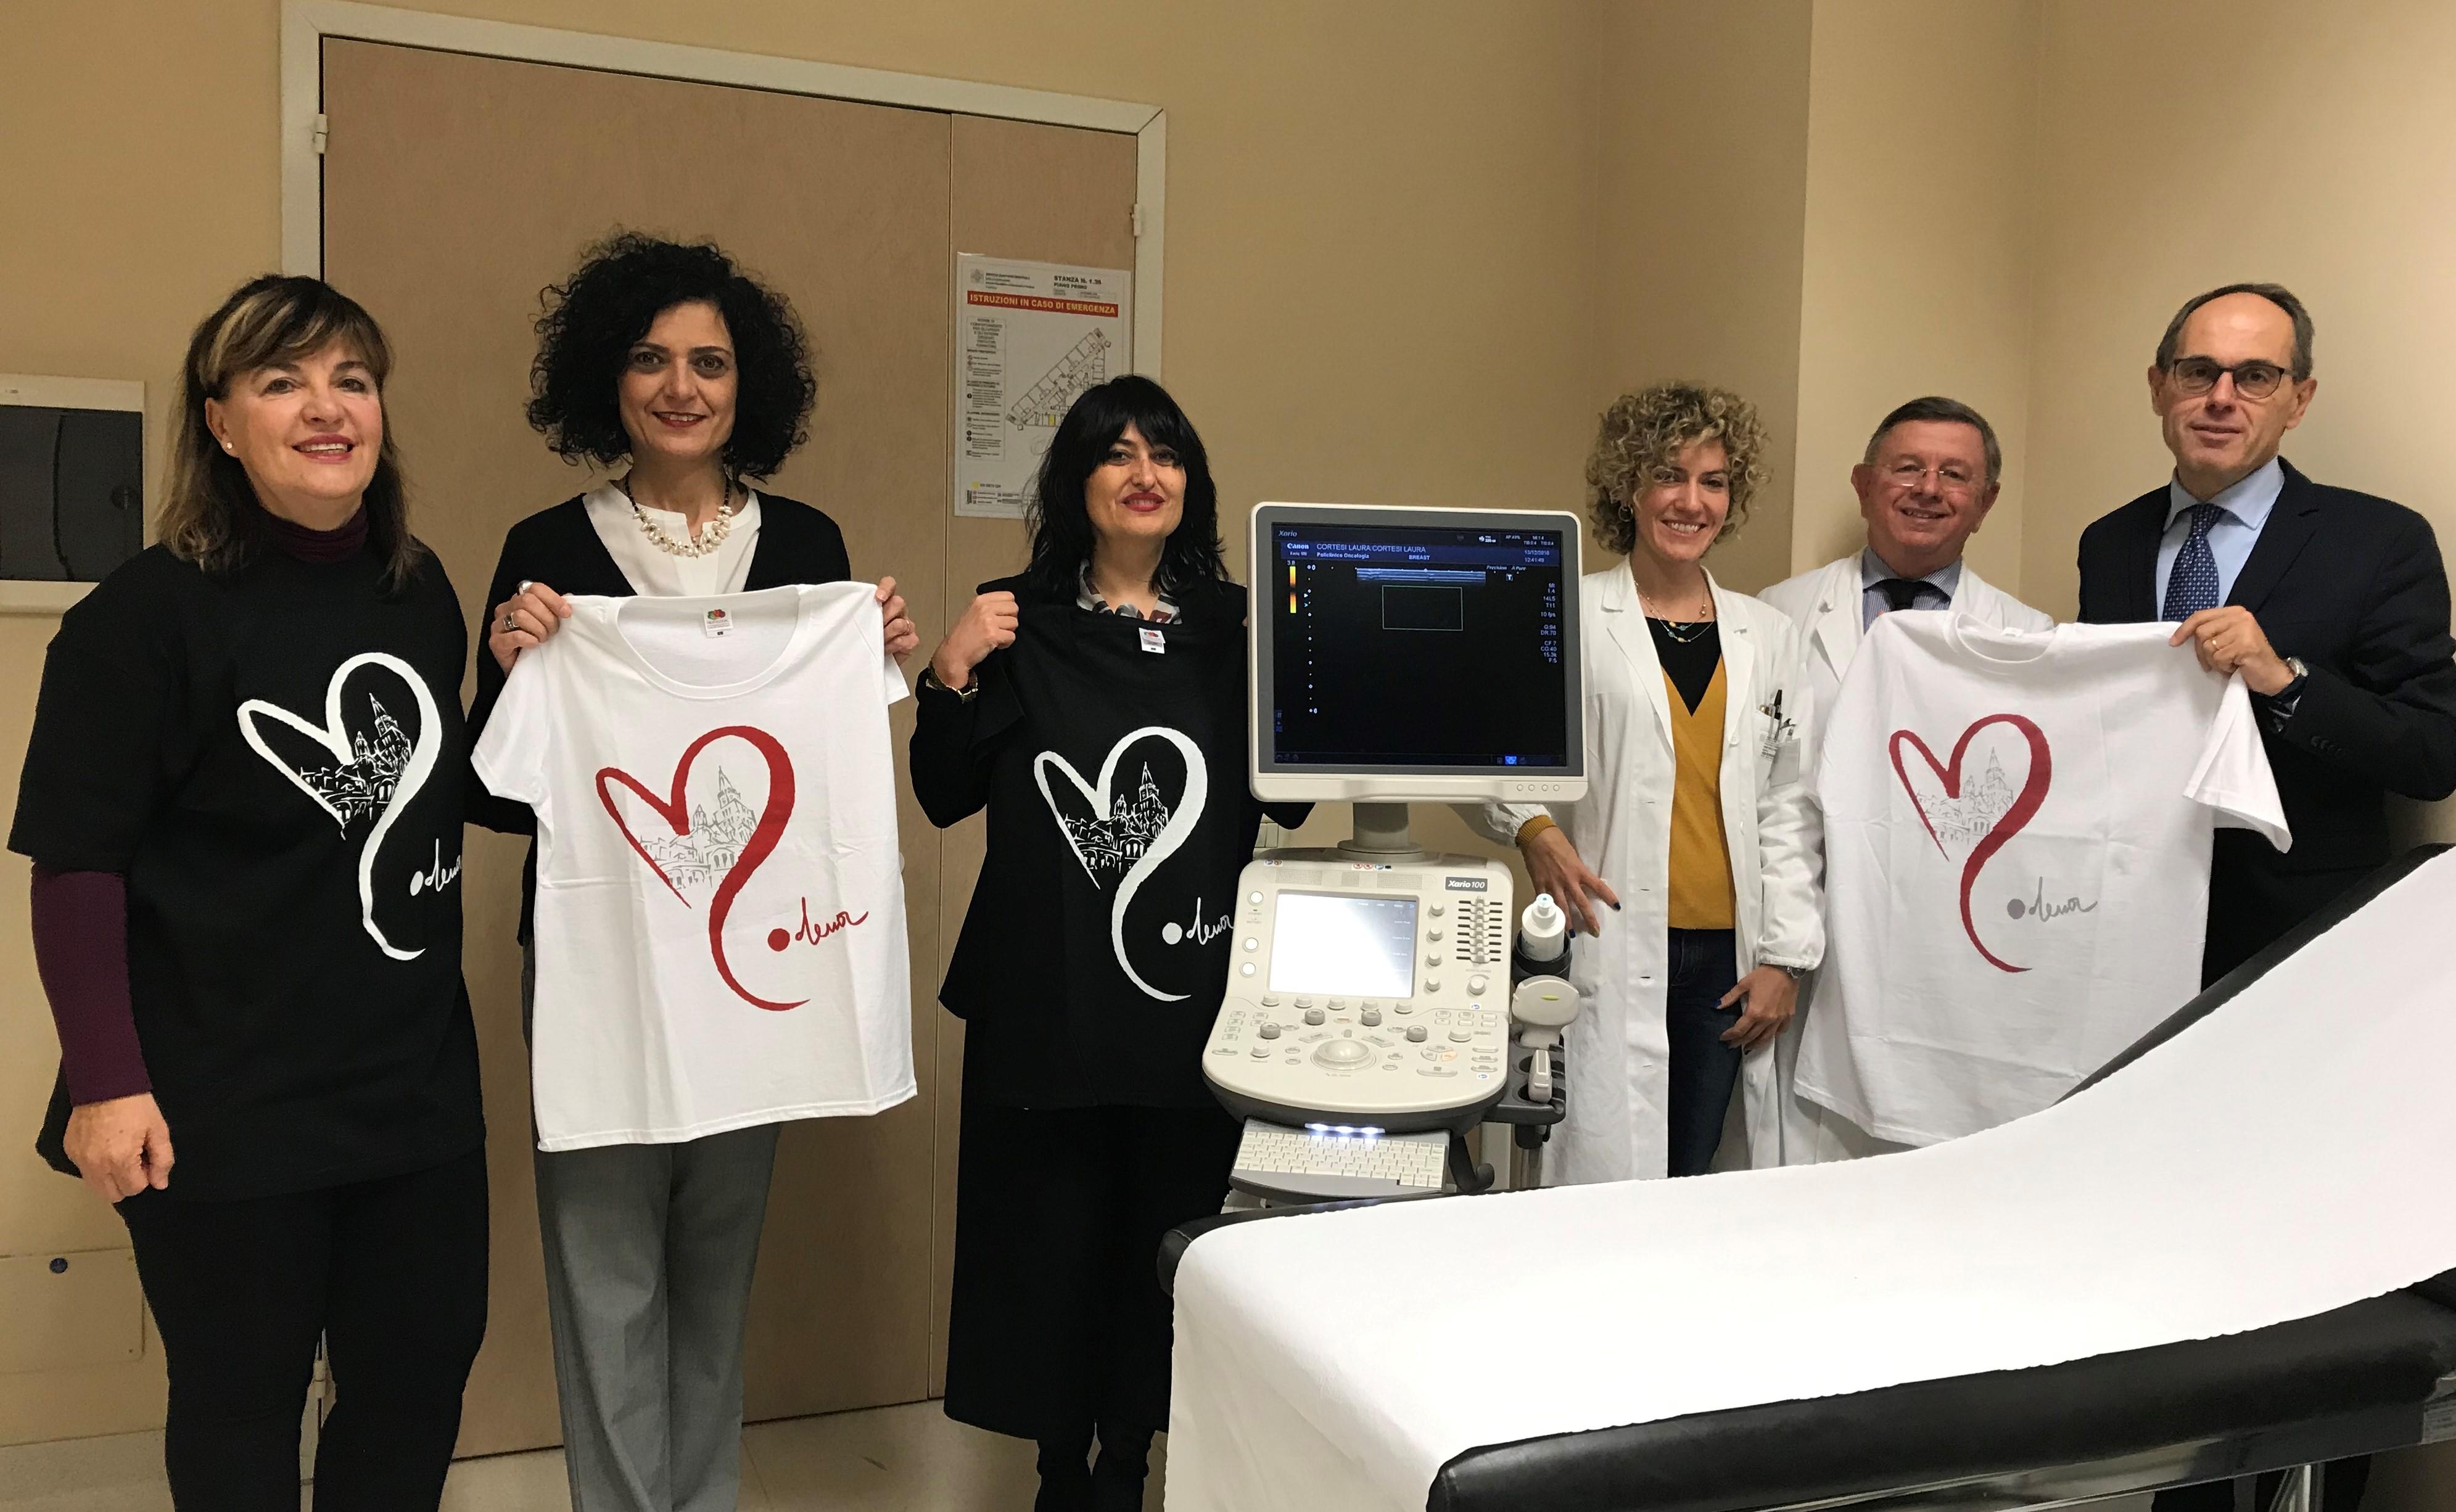 Il gruppo dei medici e dei donatori con le magliette dell'iniziativa